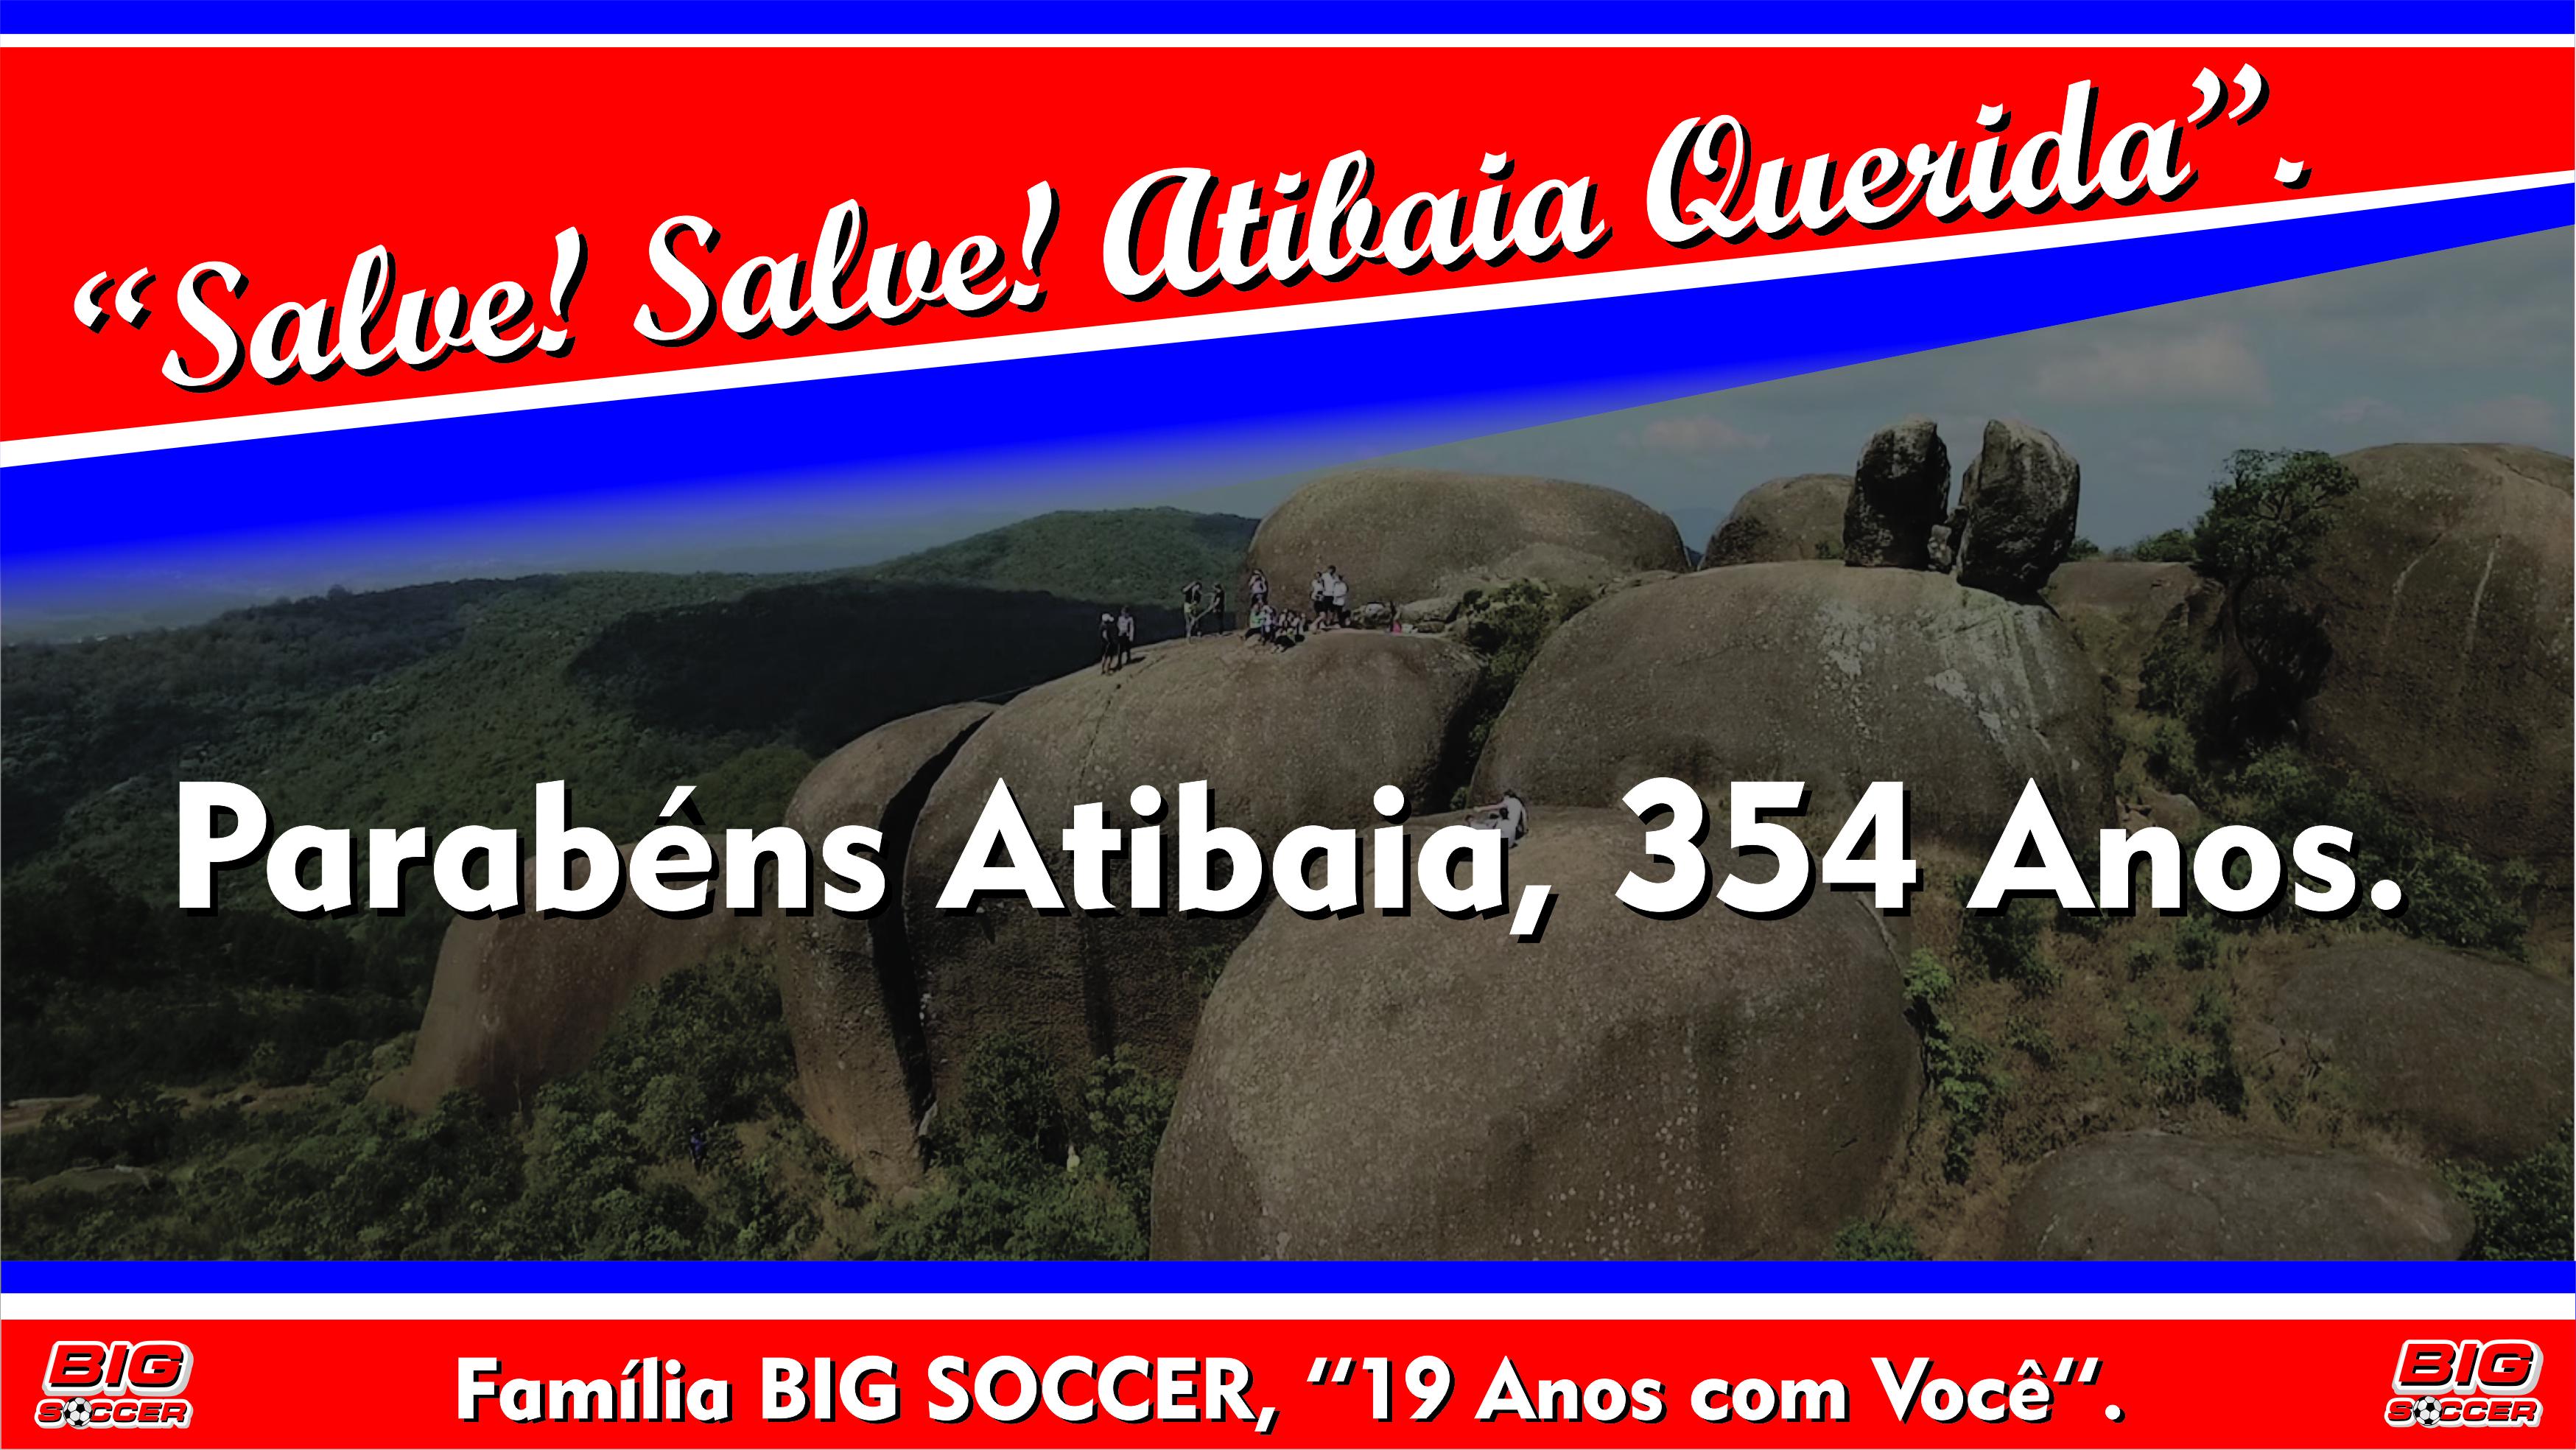 Parabêns Atibaia - 24-06-2019